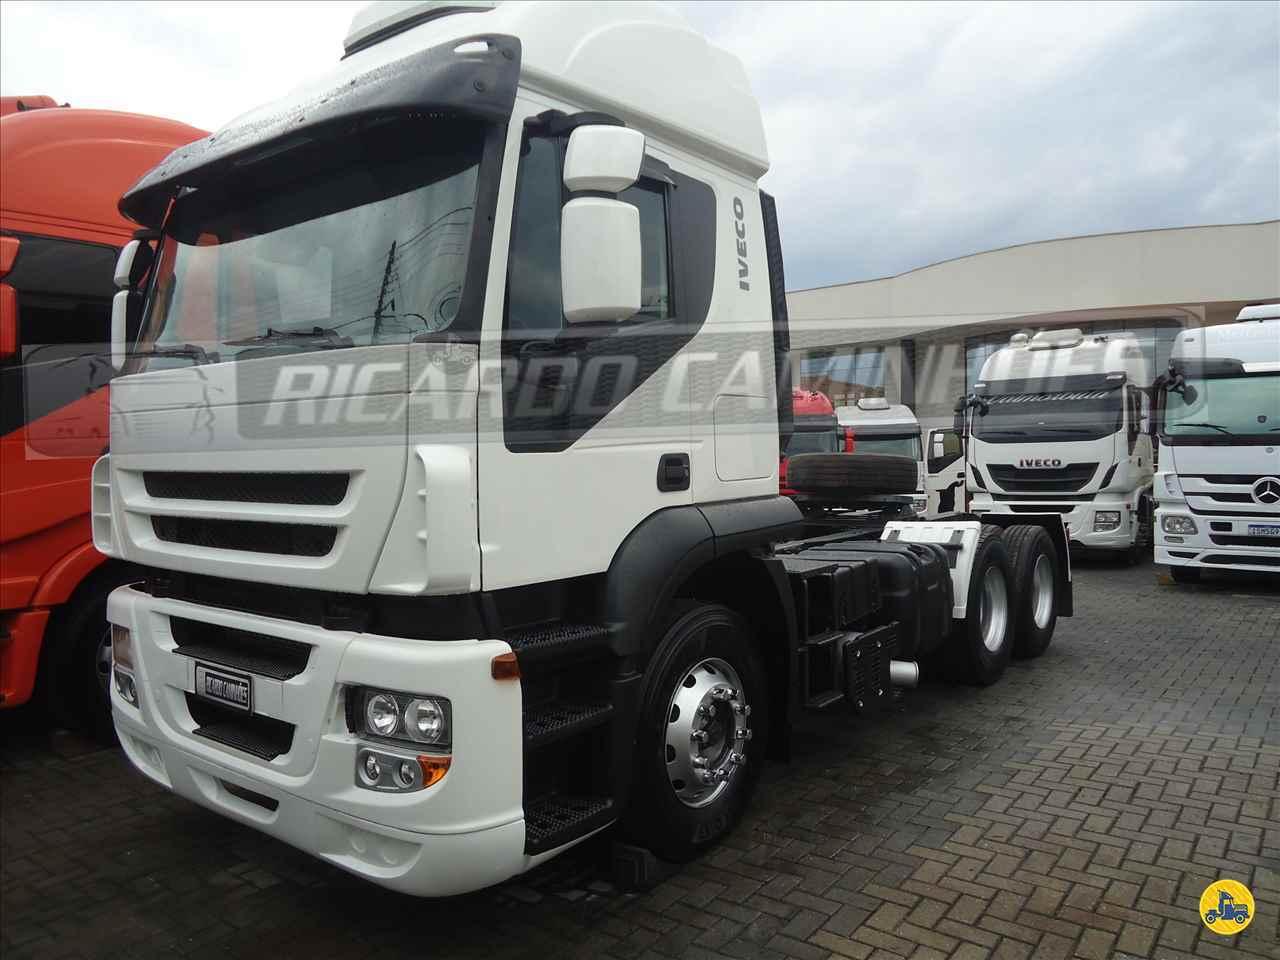 CAMINHAO IVECO STRALIS 380 Cavalo Mecânico Truck 6x2 Ricardo Caminhões Curitiba CURITIBA PARANÁ PR